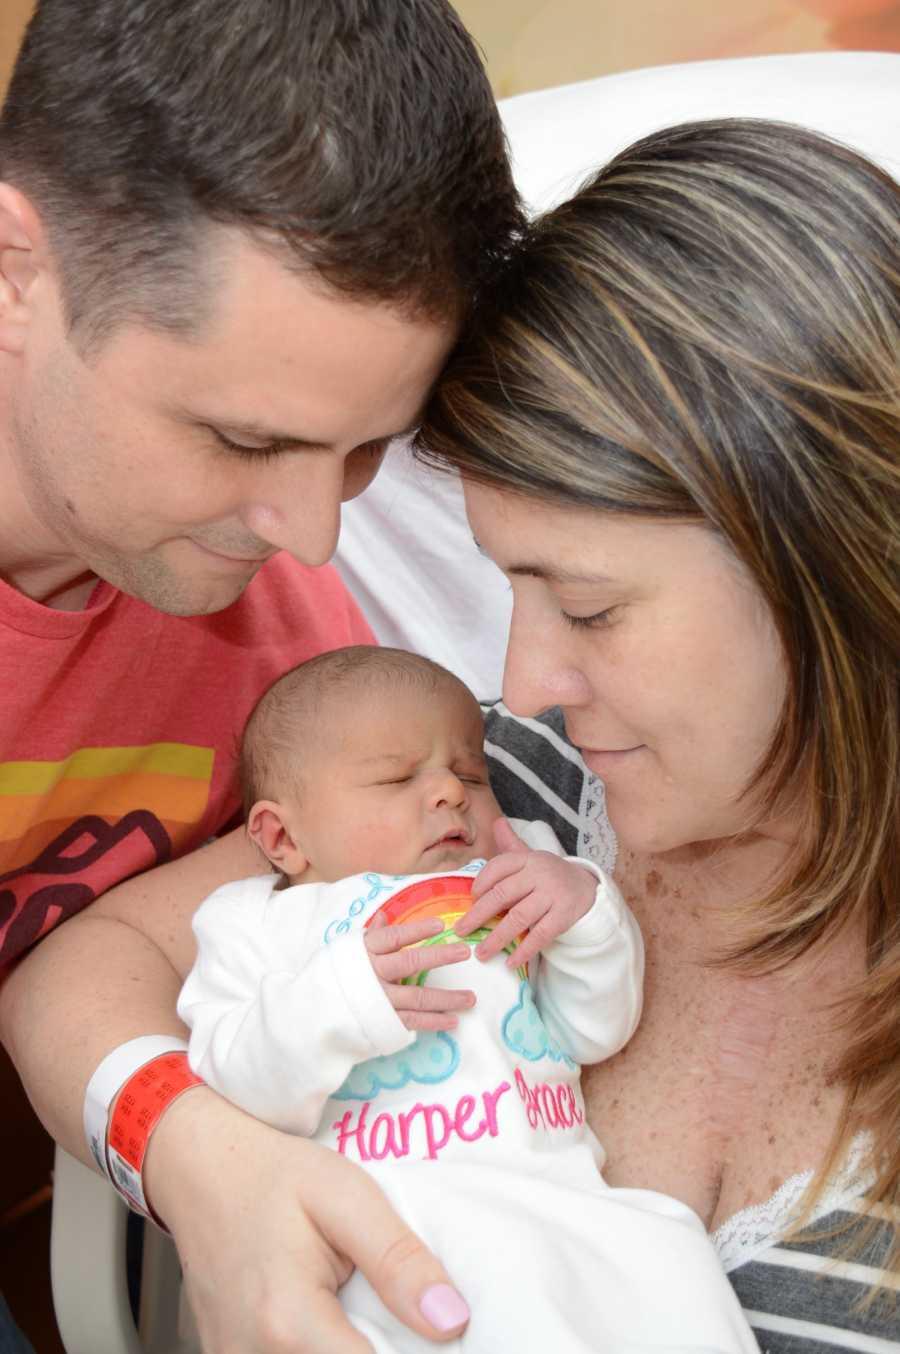 Женщина из США стала мамой после 5 выкидышей и 15 лет борьбы